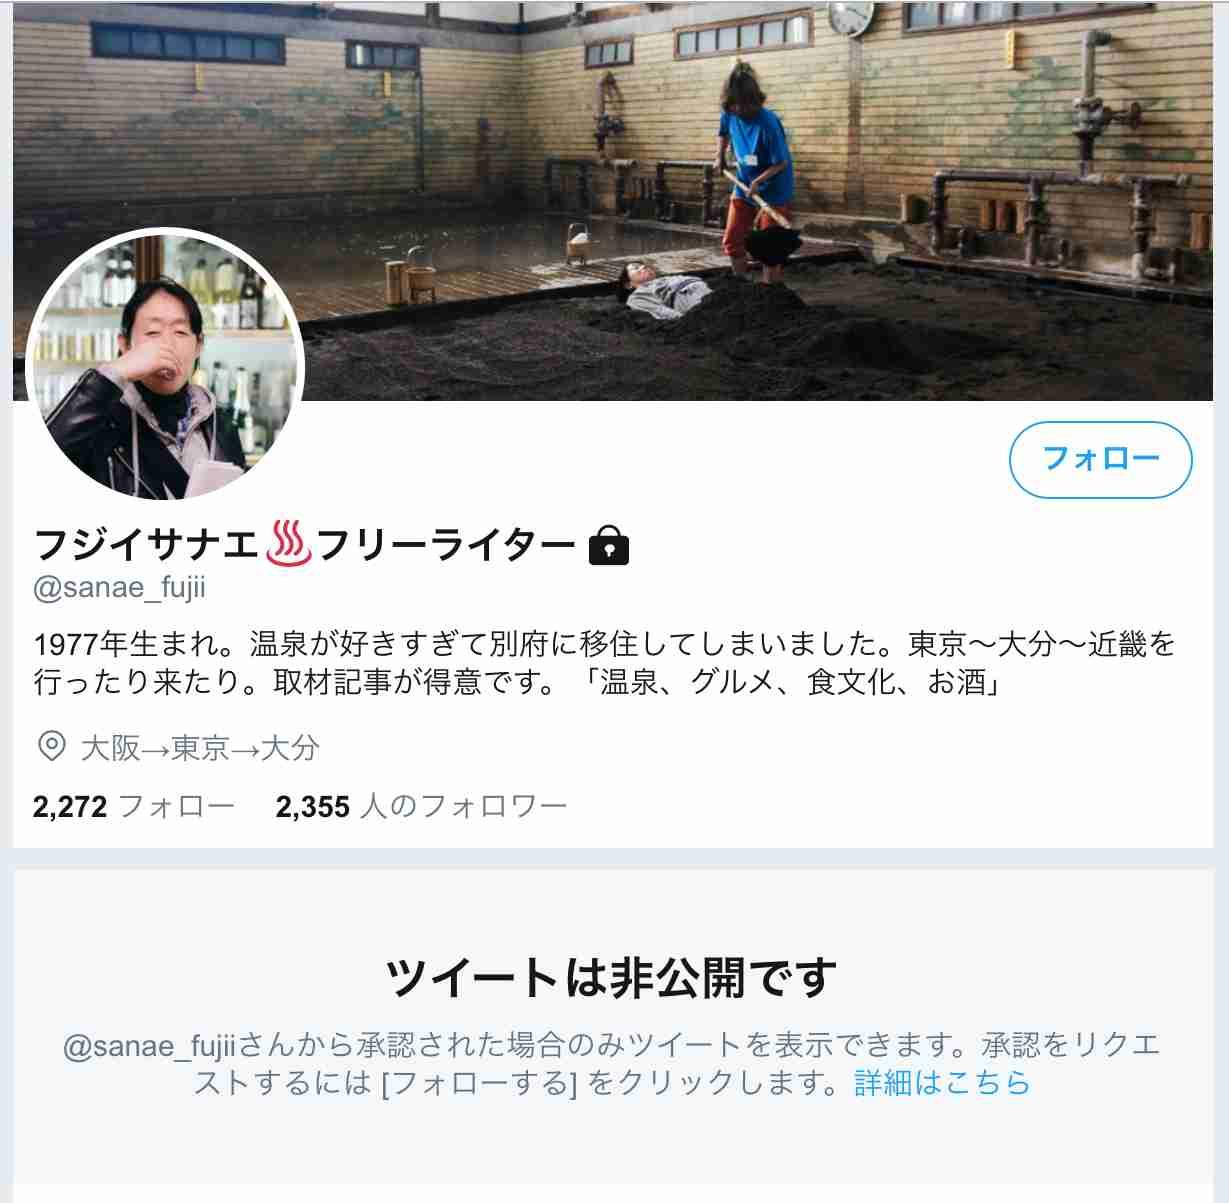 【大炎上】仮面女子アイドル猪狩ともかさんにライターが心無い発言をして炎上「車椅子アイドルとしての成功がほぼ約束された」